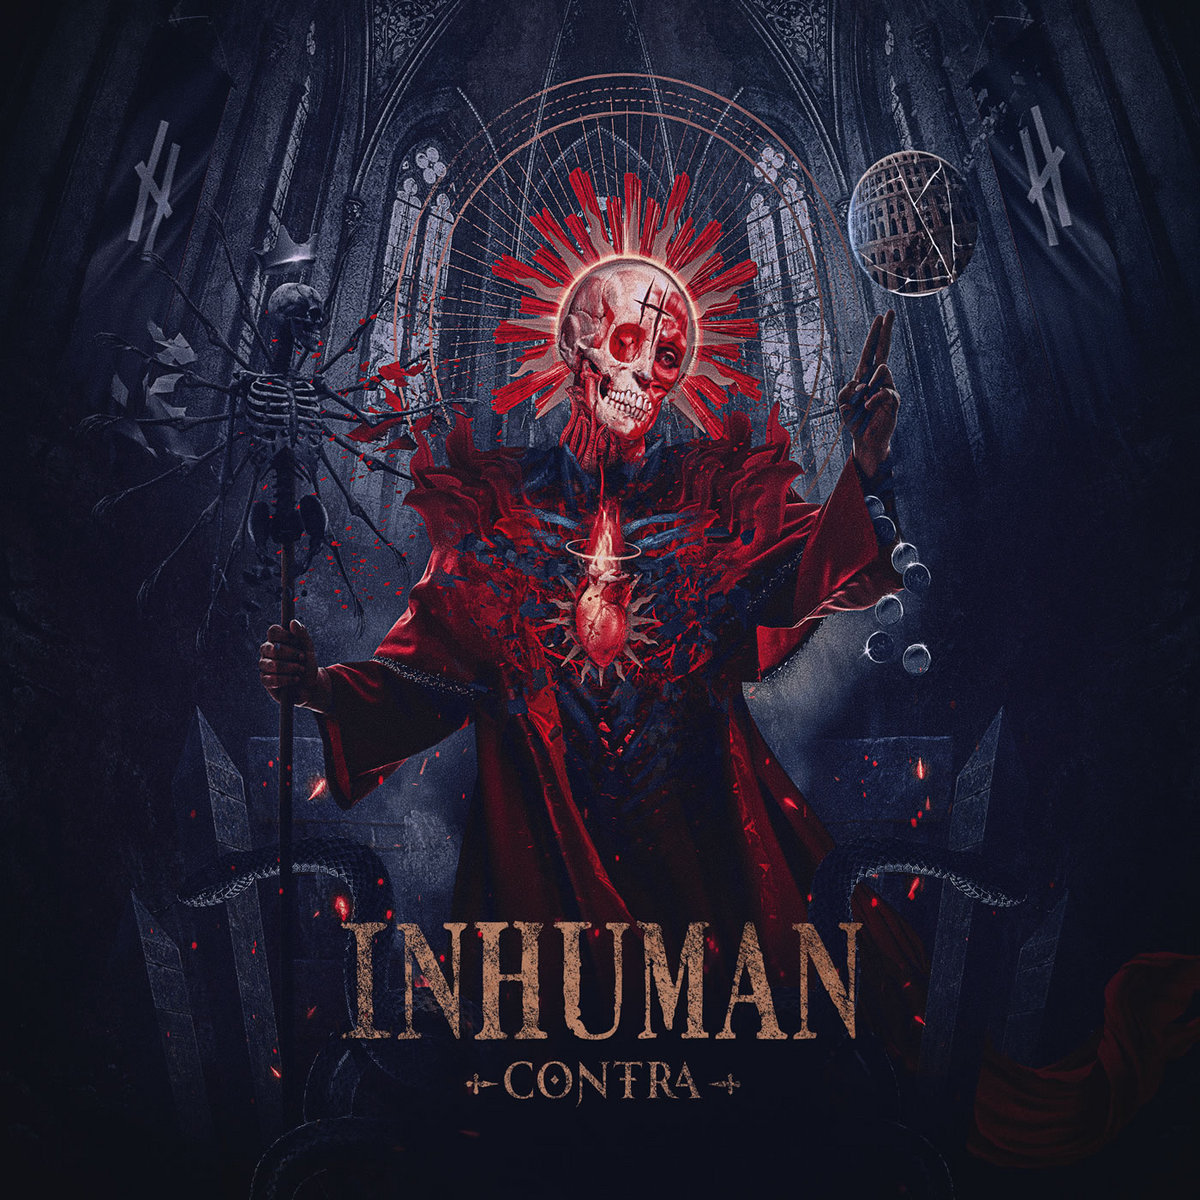 inhuman-;-les-details-du-nouvel-album-contra-;-la-lyric-video-de-la-nouvelle-chanson-«chaotic-nothing»